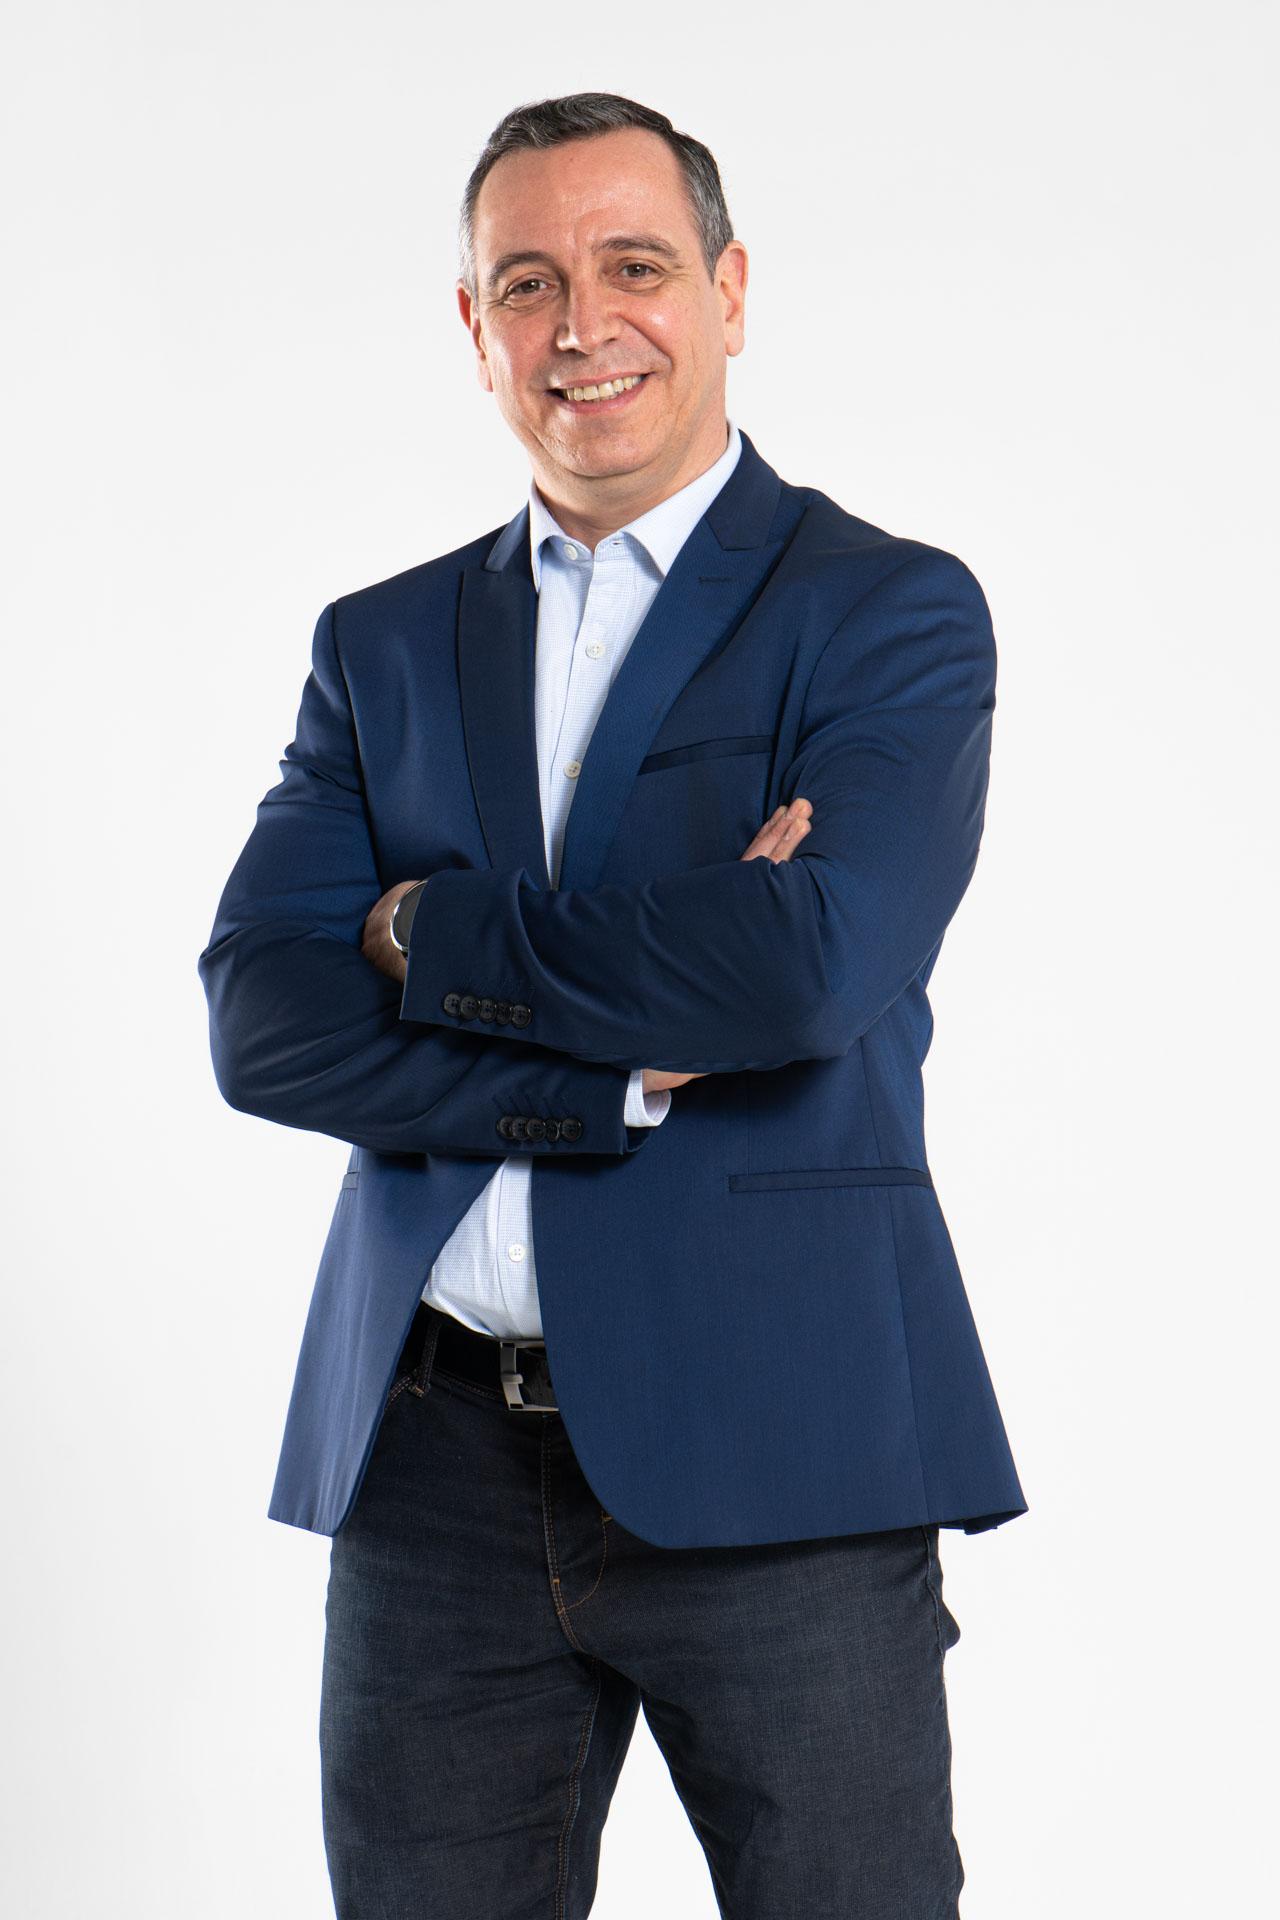 georges-boinot-consultant-en-management-de-transition-dans-les-hauts-de-france-lille